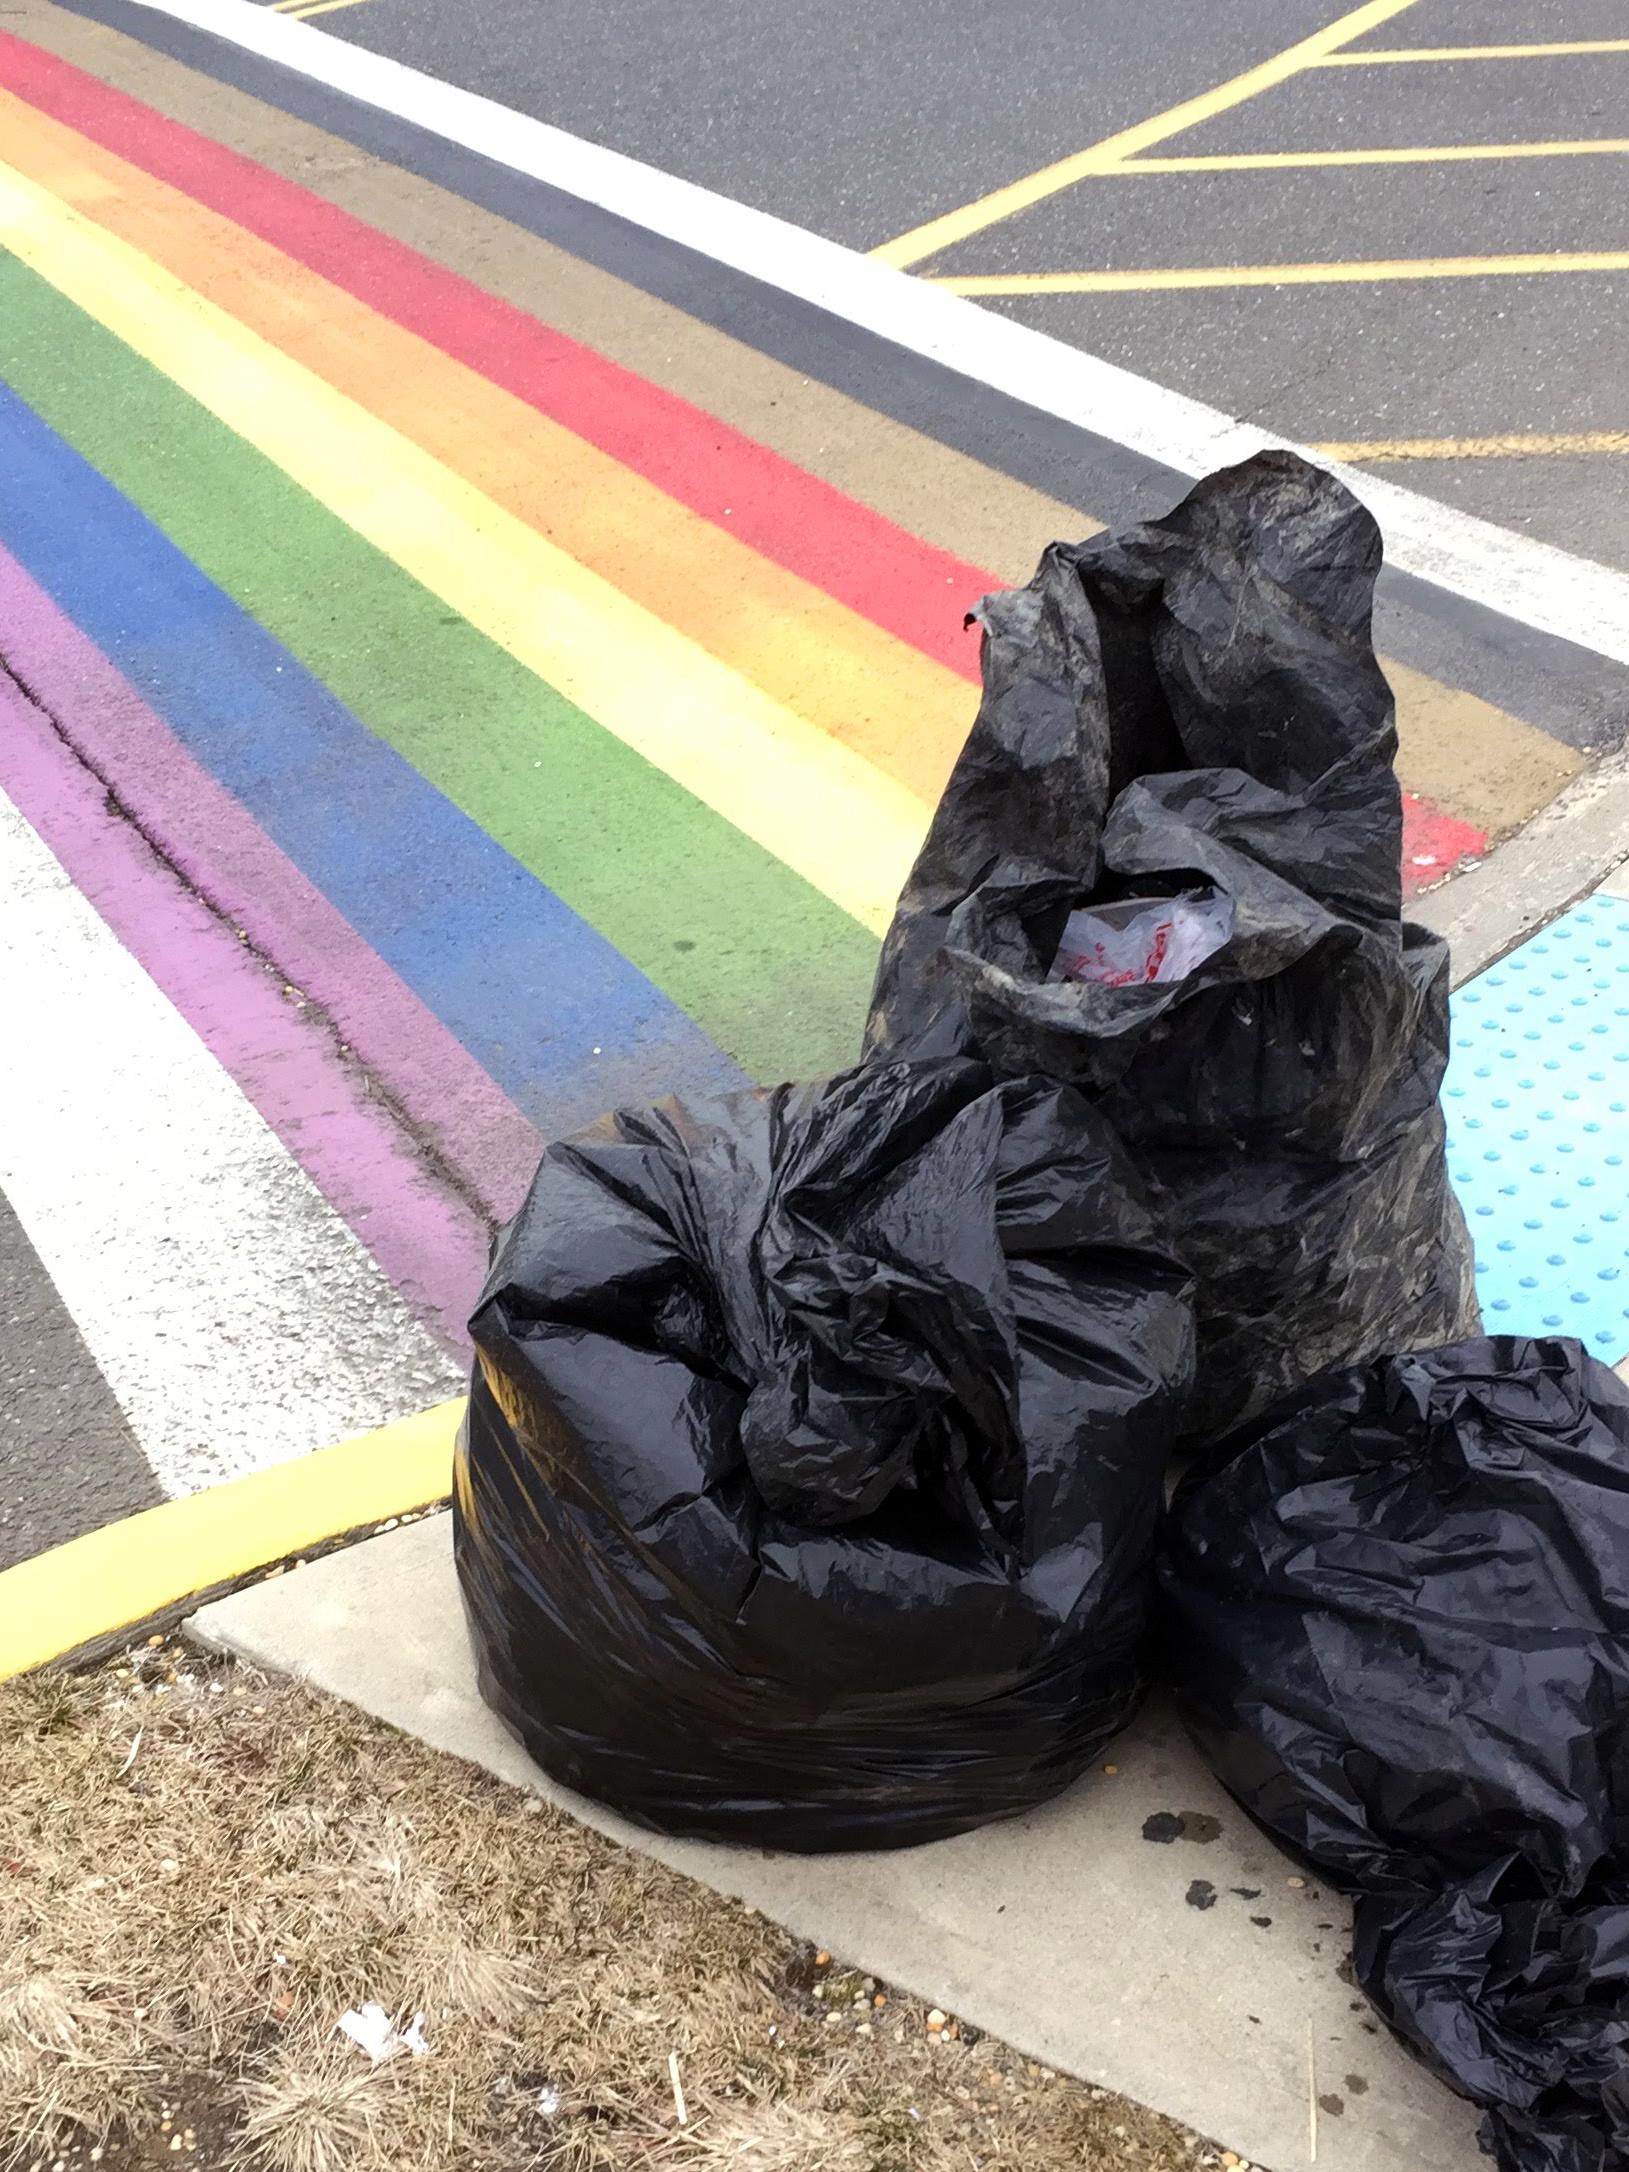 amy_chen_design_surfrider_asbury_park_new_jersey_beach_clean_trash_rainbow.JPG